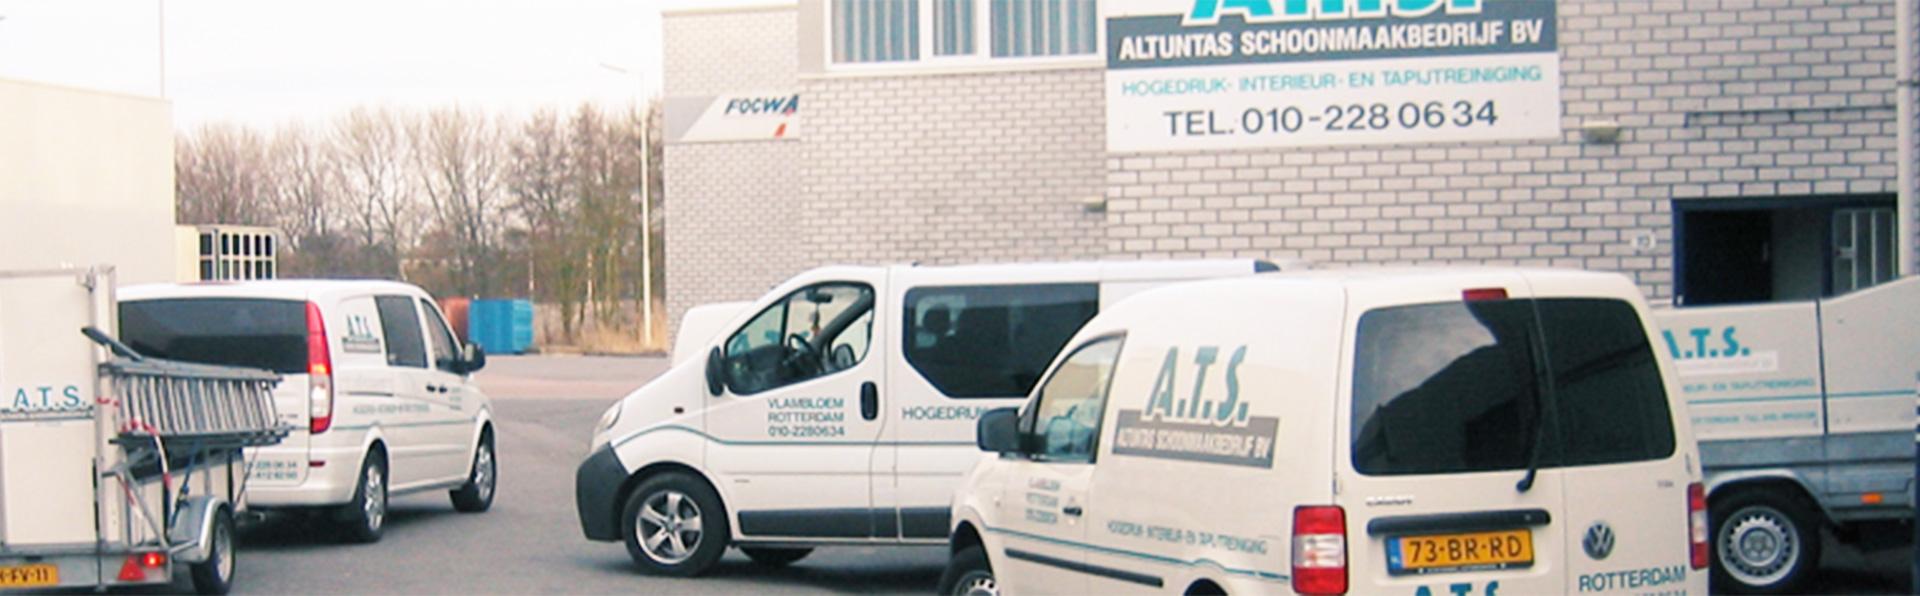 Schoonmaakbedrijf- Bodegraven-ATS-header